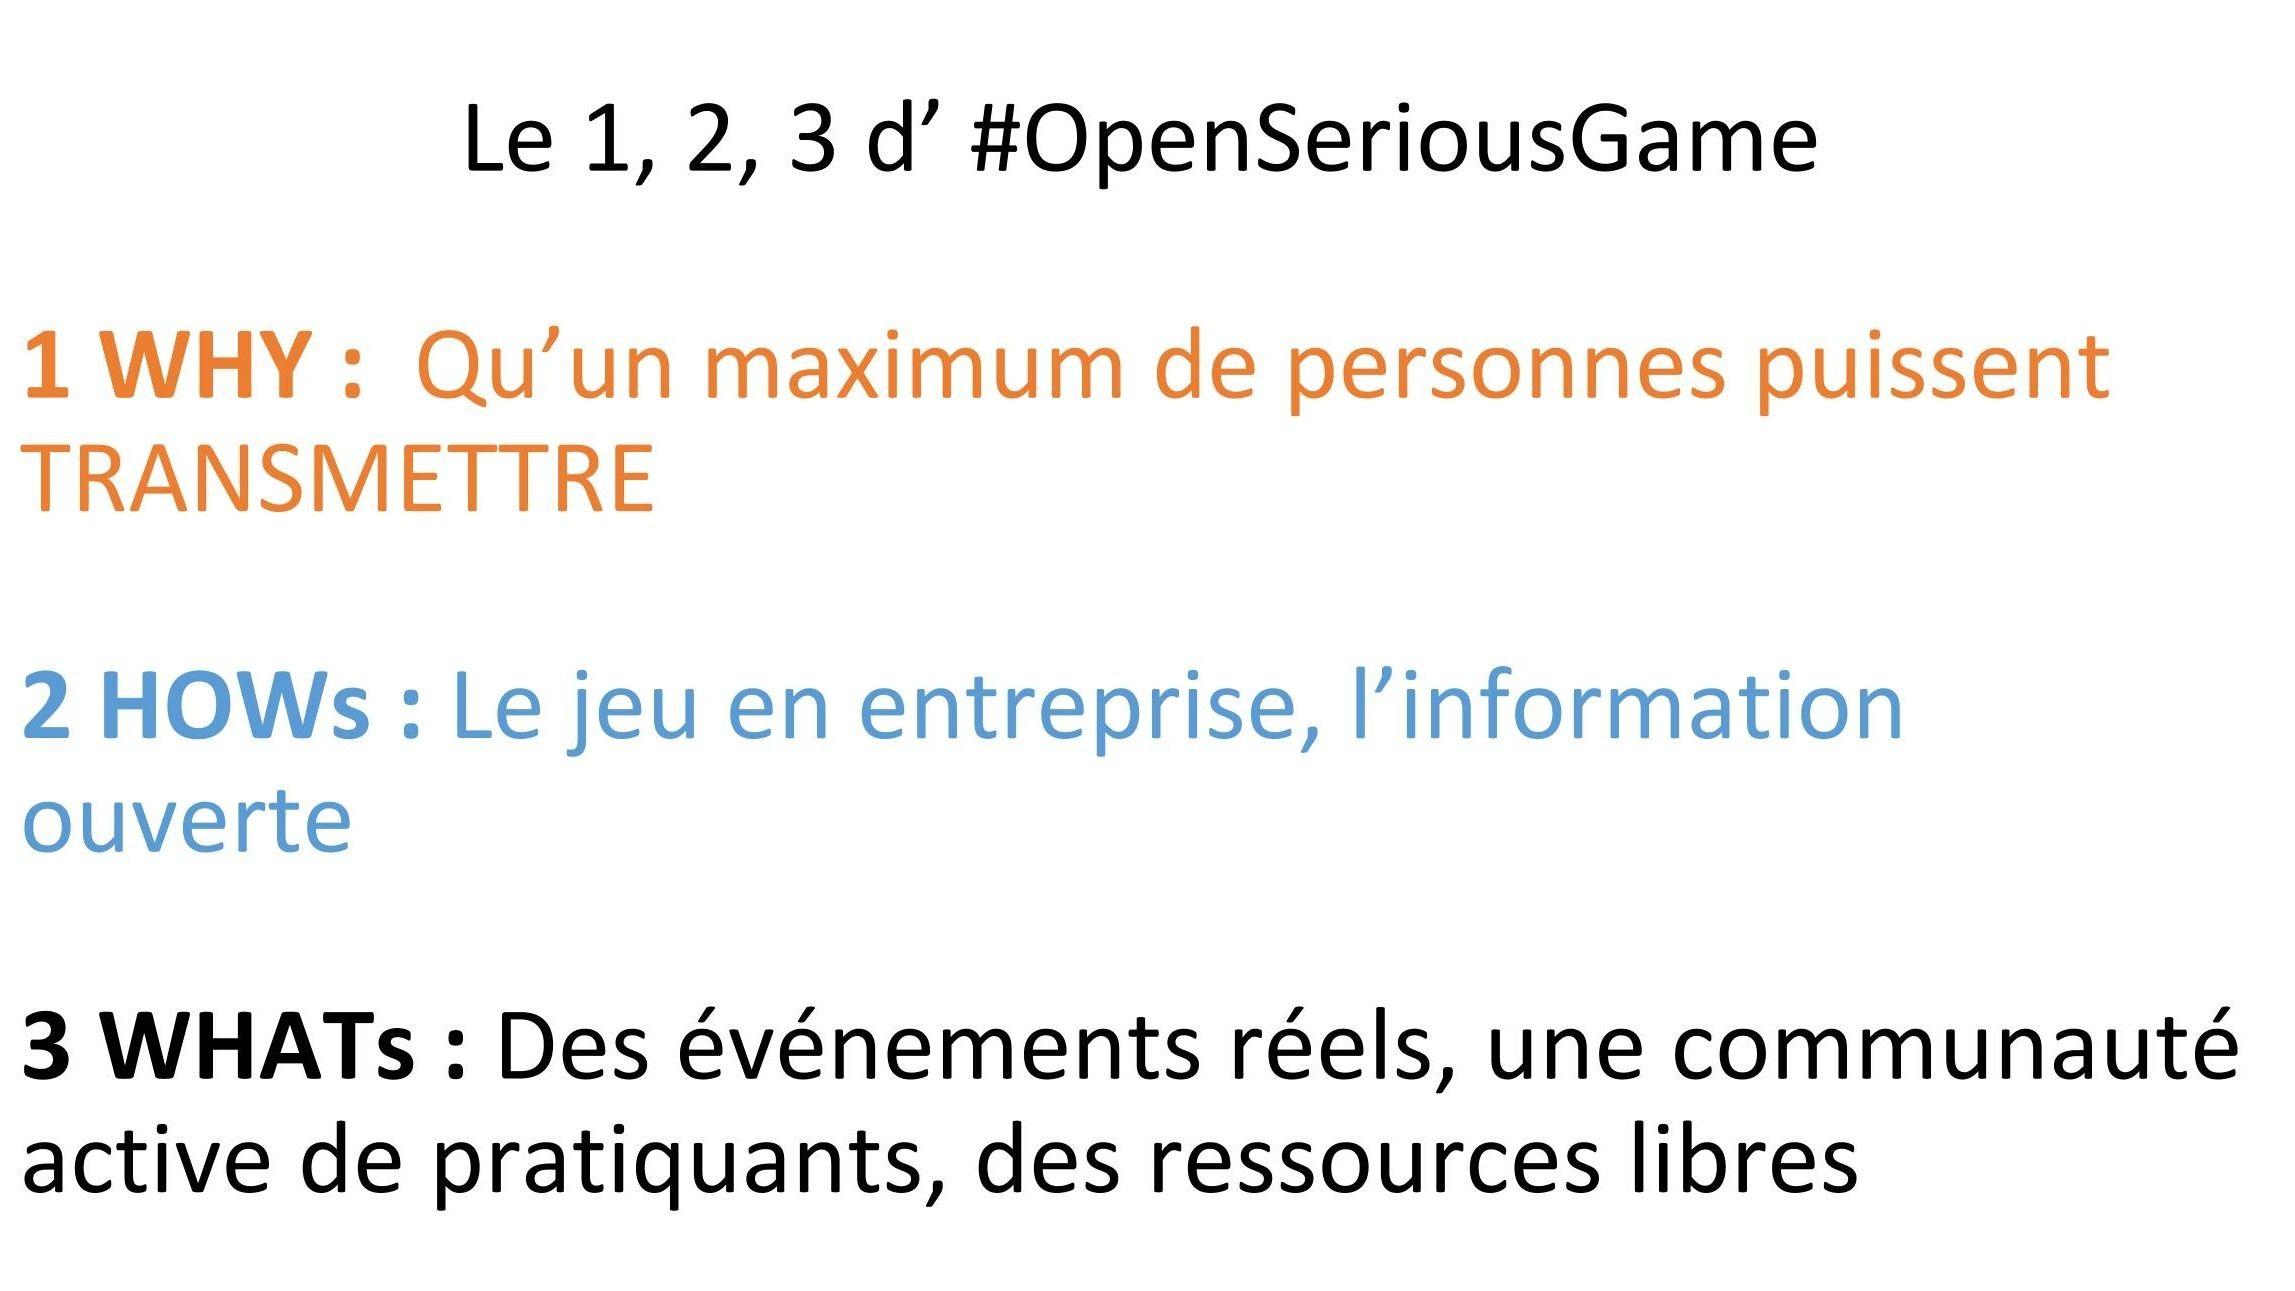 #OpenSeriousGame Paris